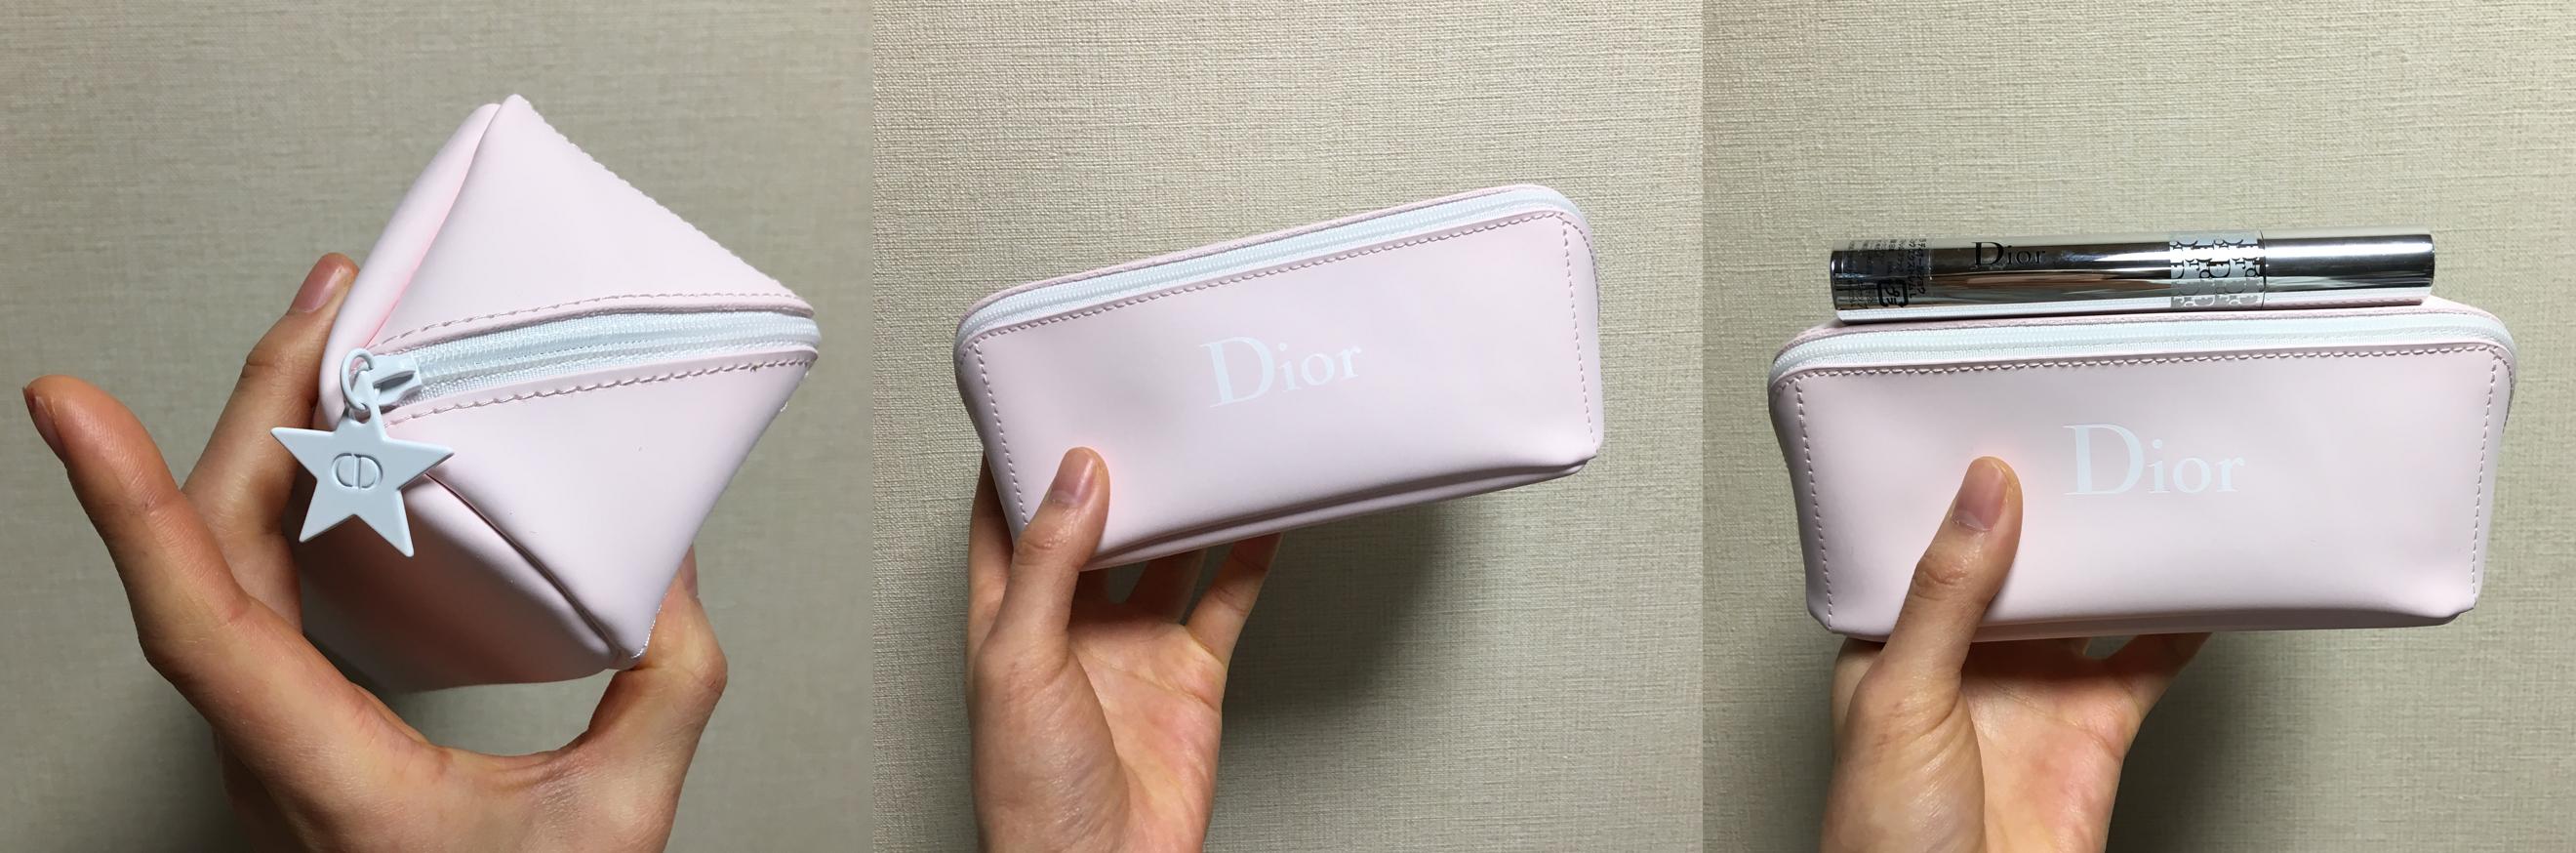 Dior ディオール カプチュールユース コフレ オファー ノベルティ ポーチ